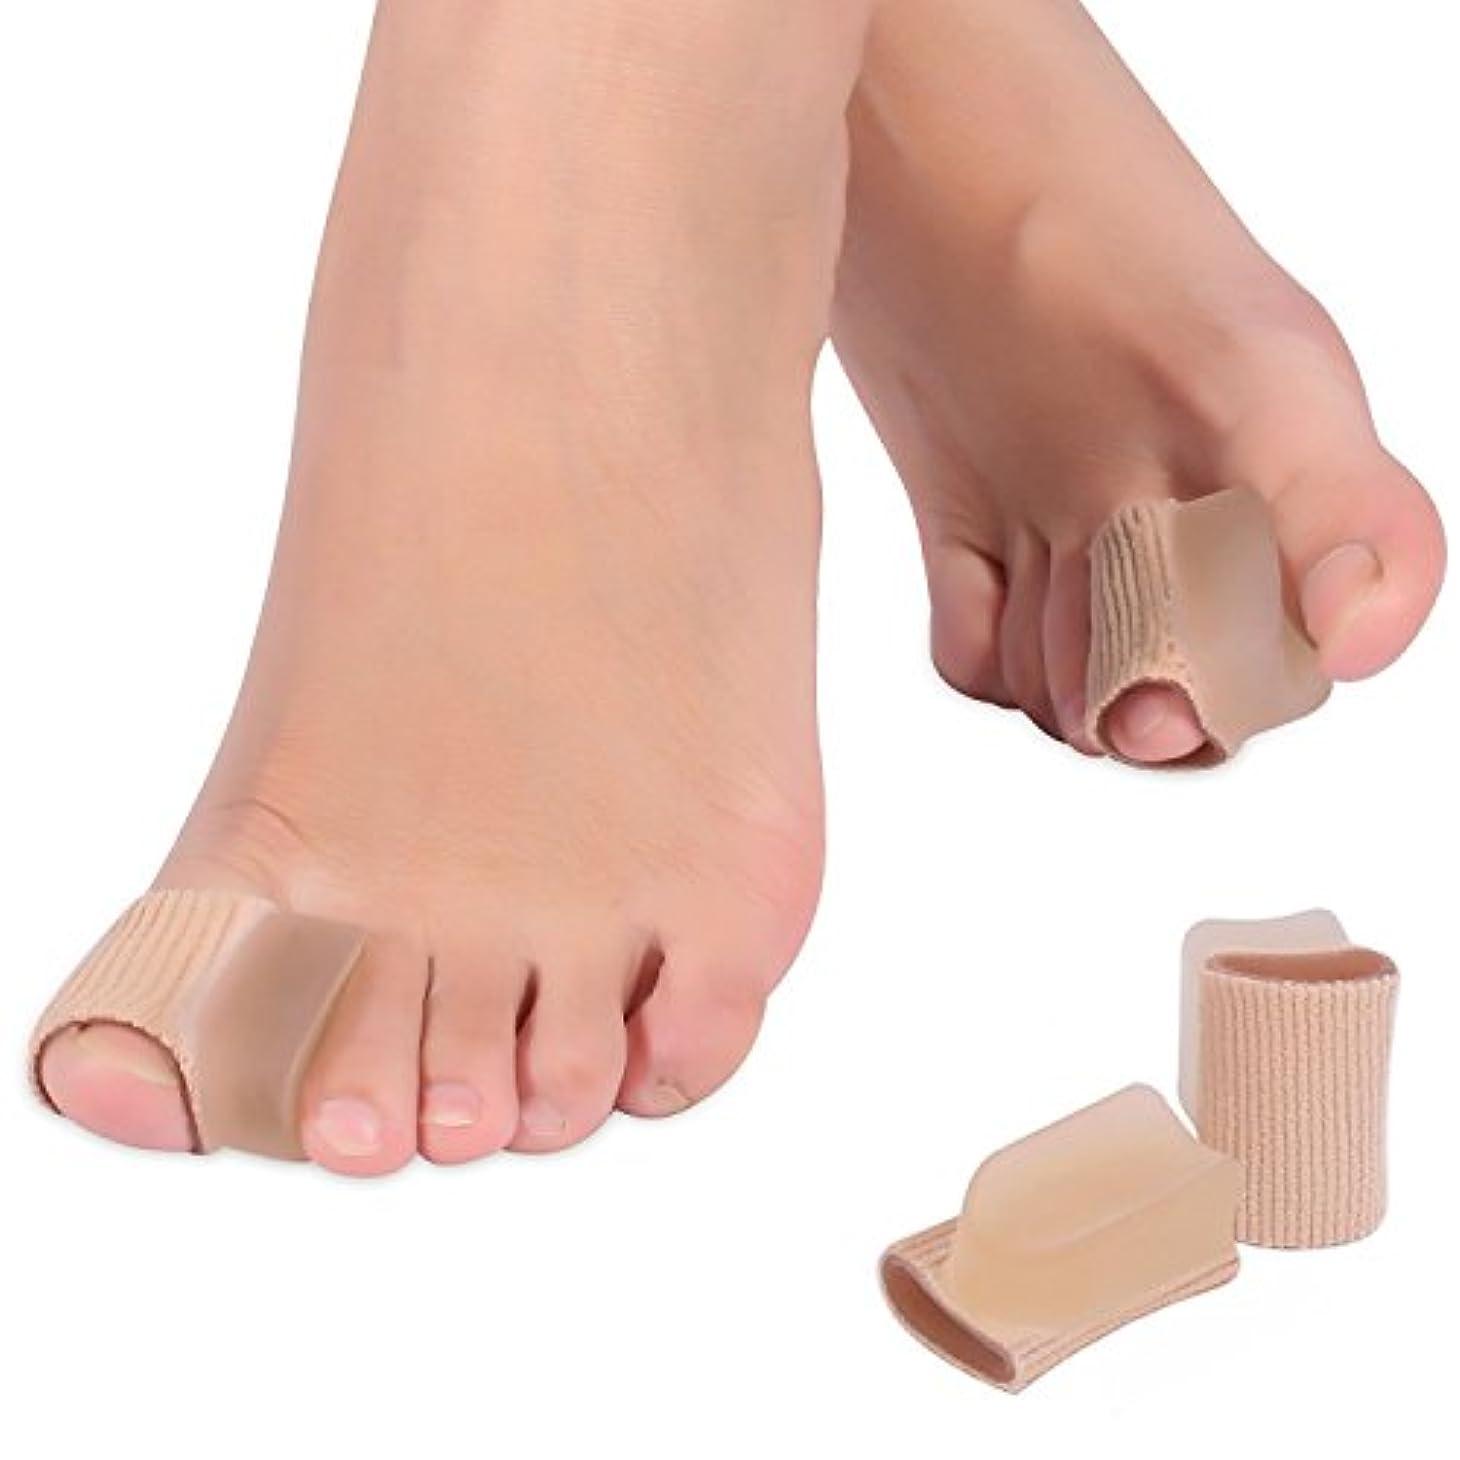 高揚した仕事に行く消毒する親指ジェルパッド 足指分離パッド 足指スペーサー 足指矯正 ソフトなジェル製 伸縮 柔軟 足指保護 親指ケア 肌色「4個セット」